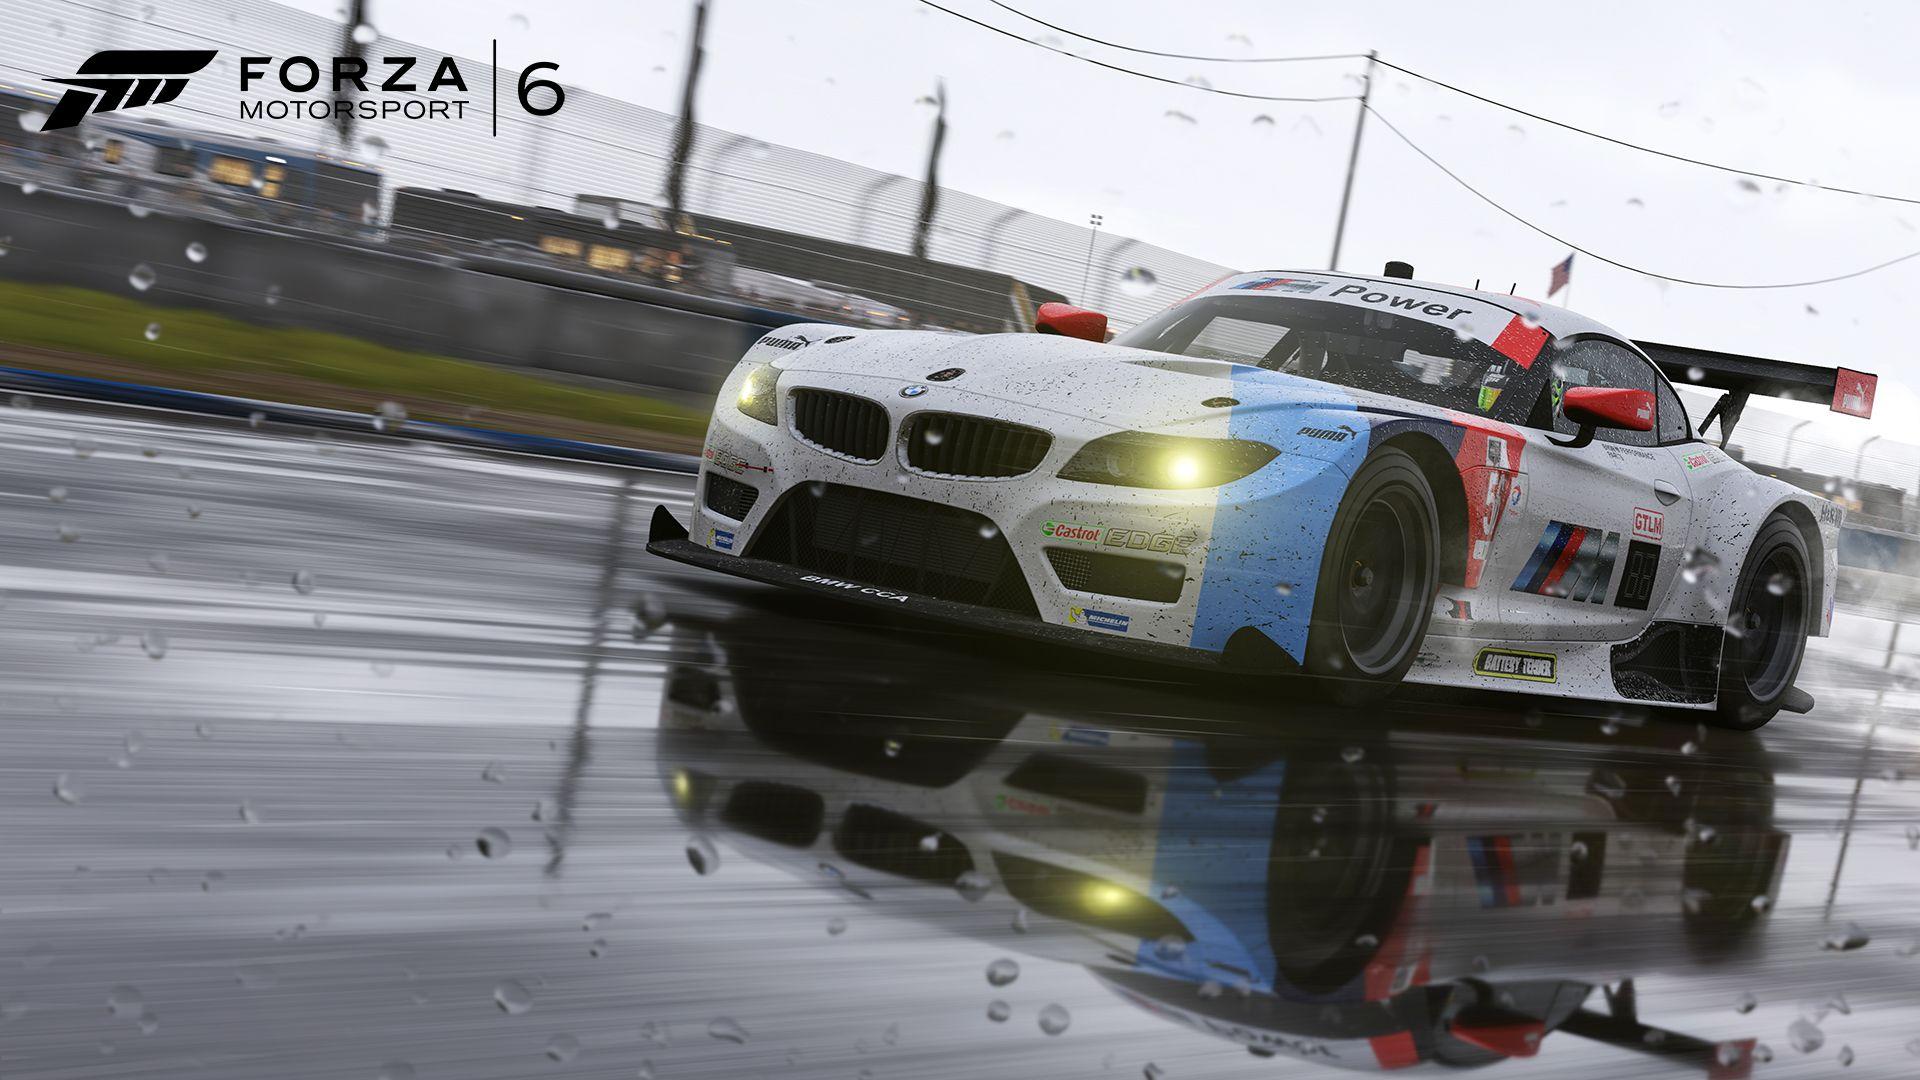 Detaily o tratích a autech ve Forza Motorsport 6 110360